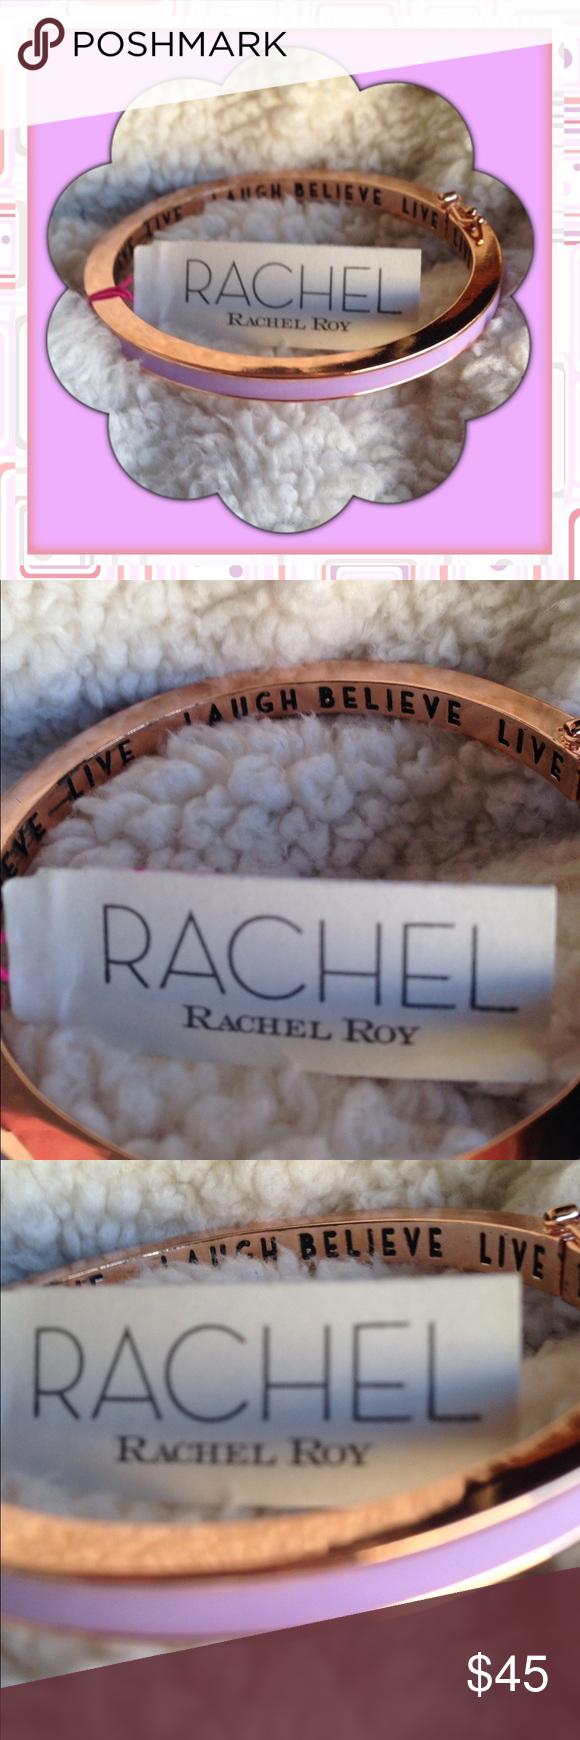 Rachel Roy Idiom Bangle Bracelet Lilac So cute! Hinged bangle bracelet. Lilac and gold with Live laugh believe in scribed inside Rachel Roy Jewelry Bracelets